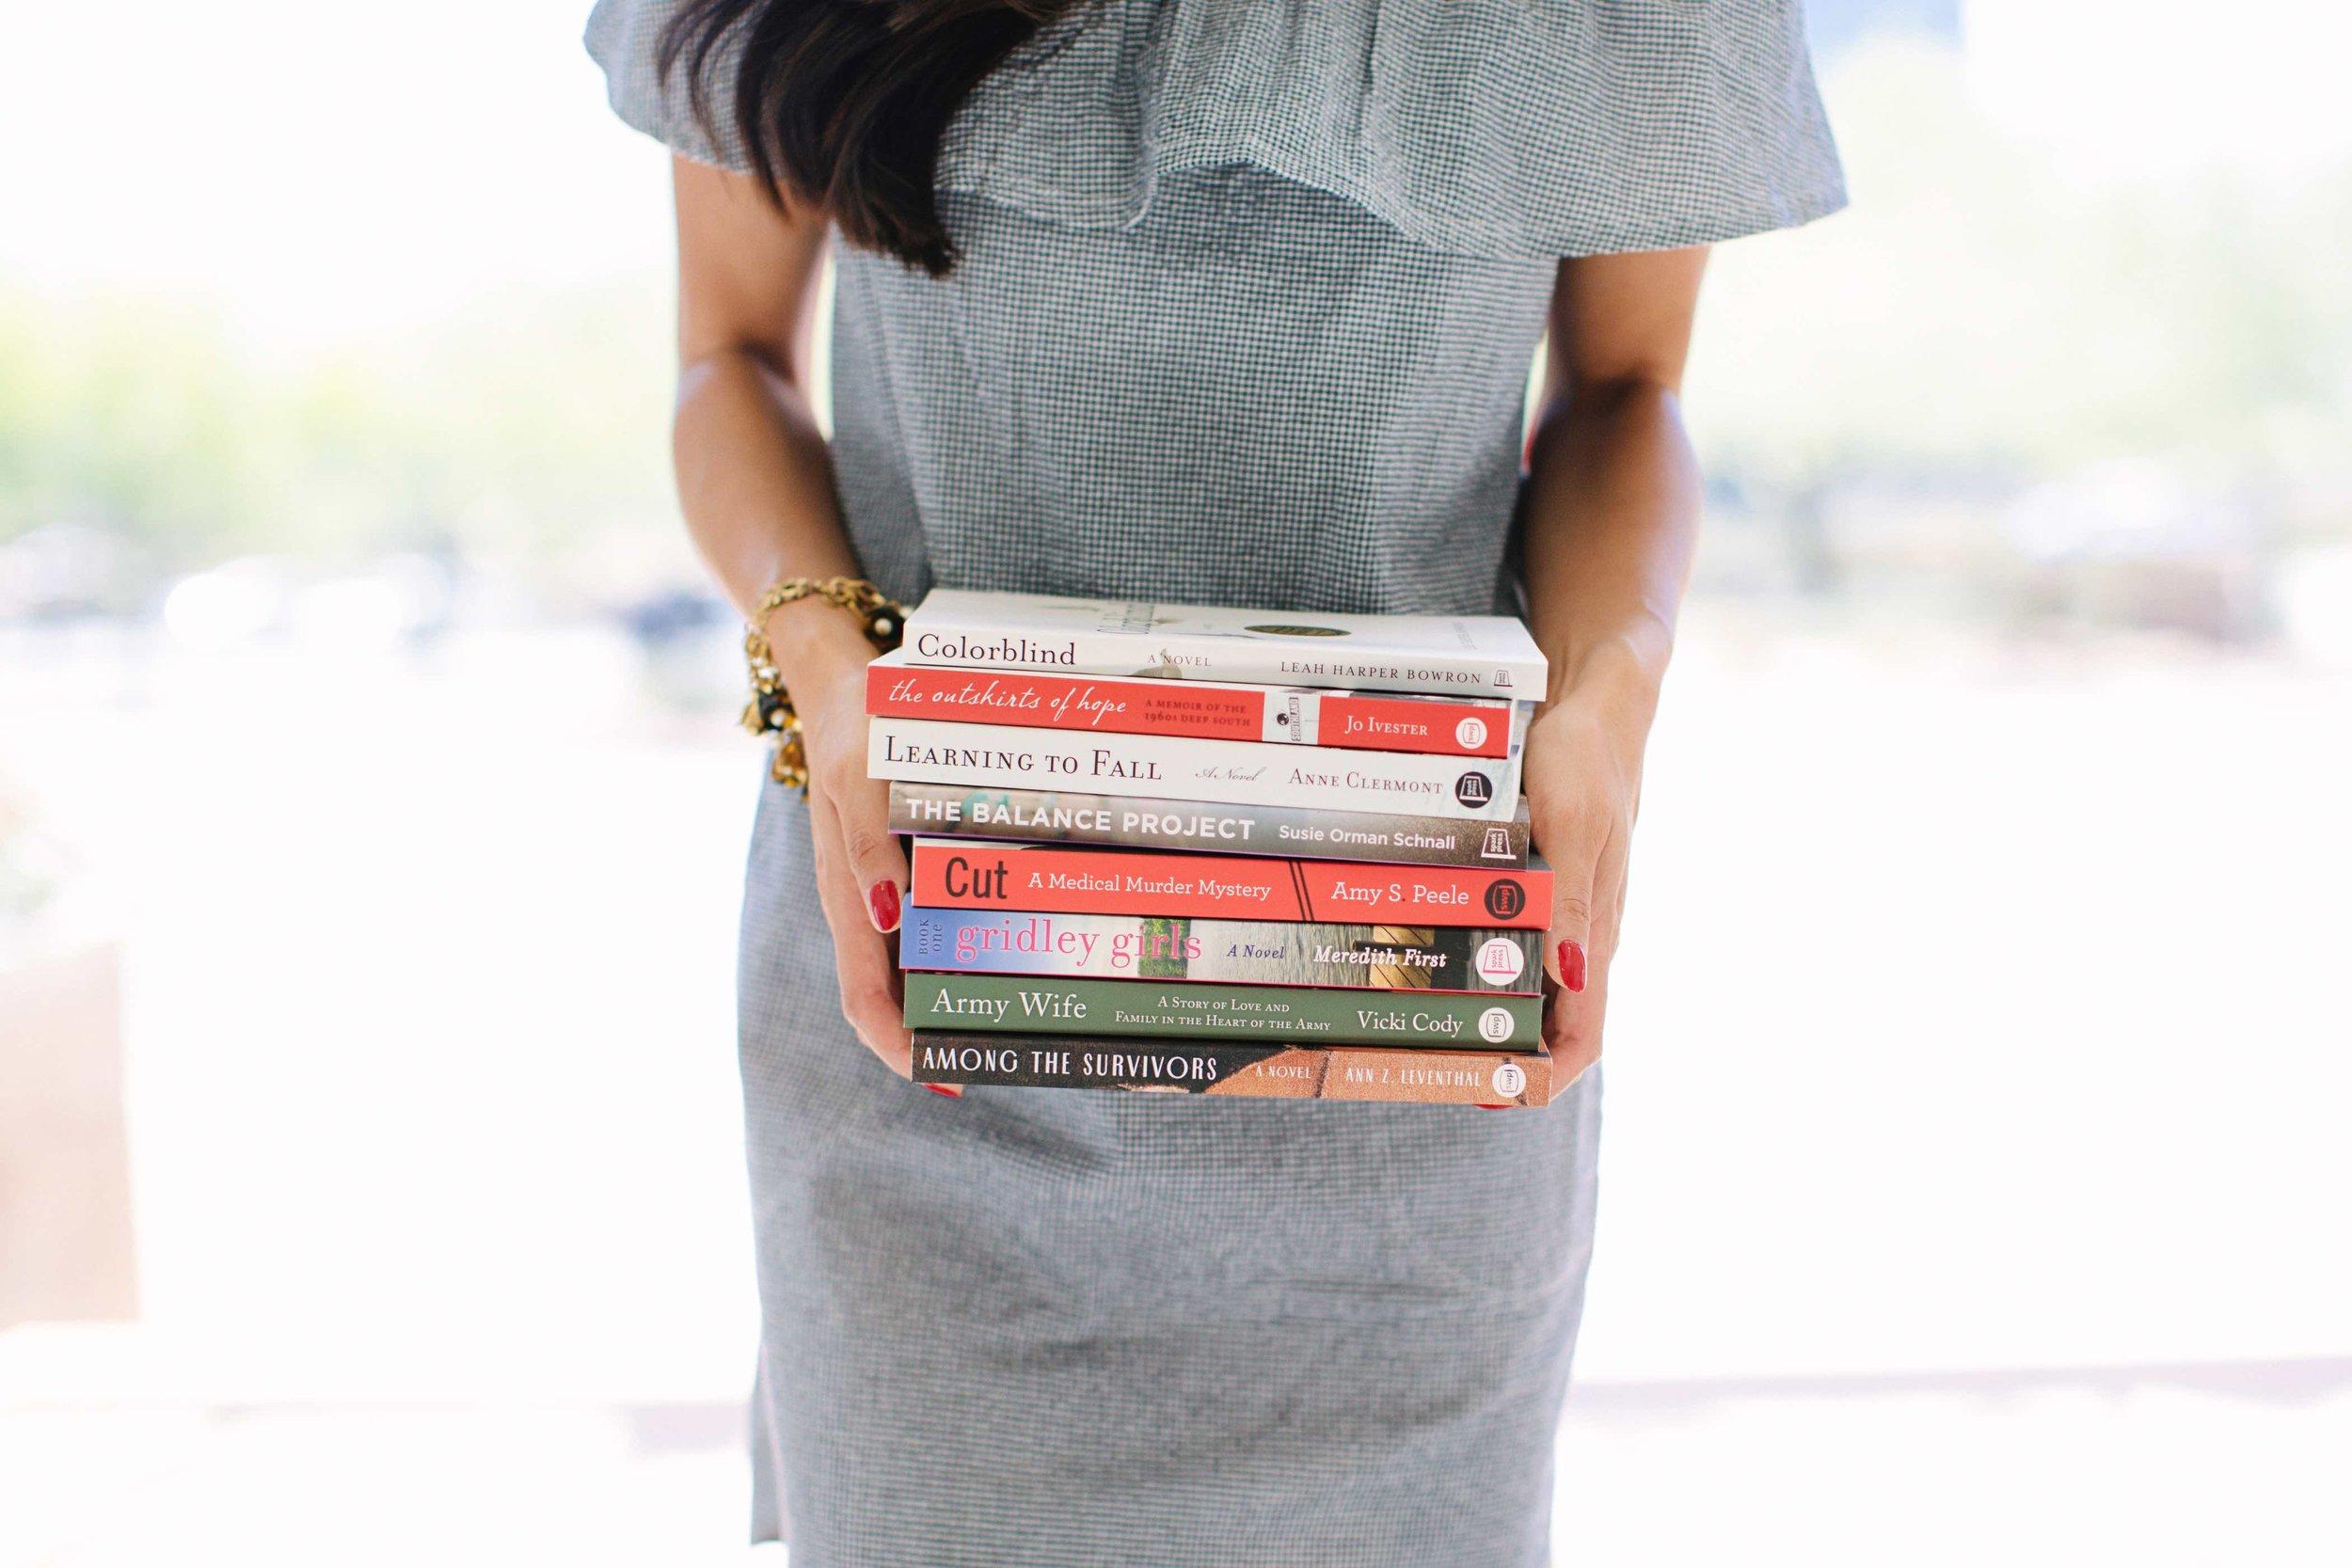 talbots-books-diana-elizabeth-photography-8613.jpeg